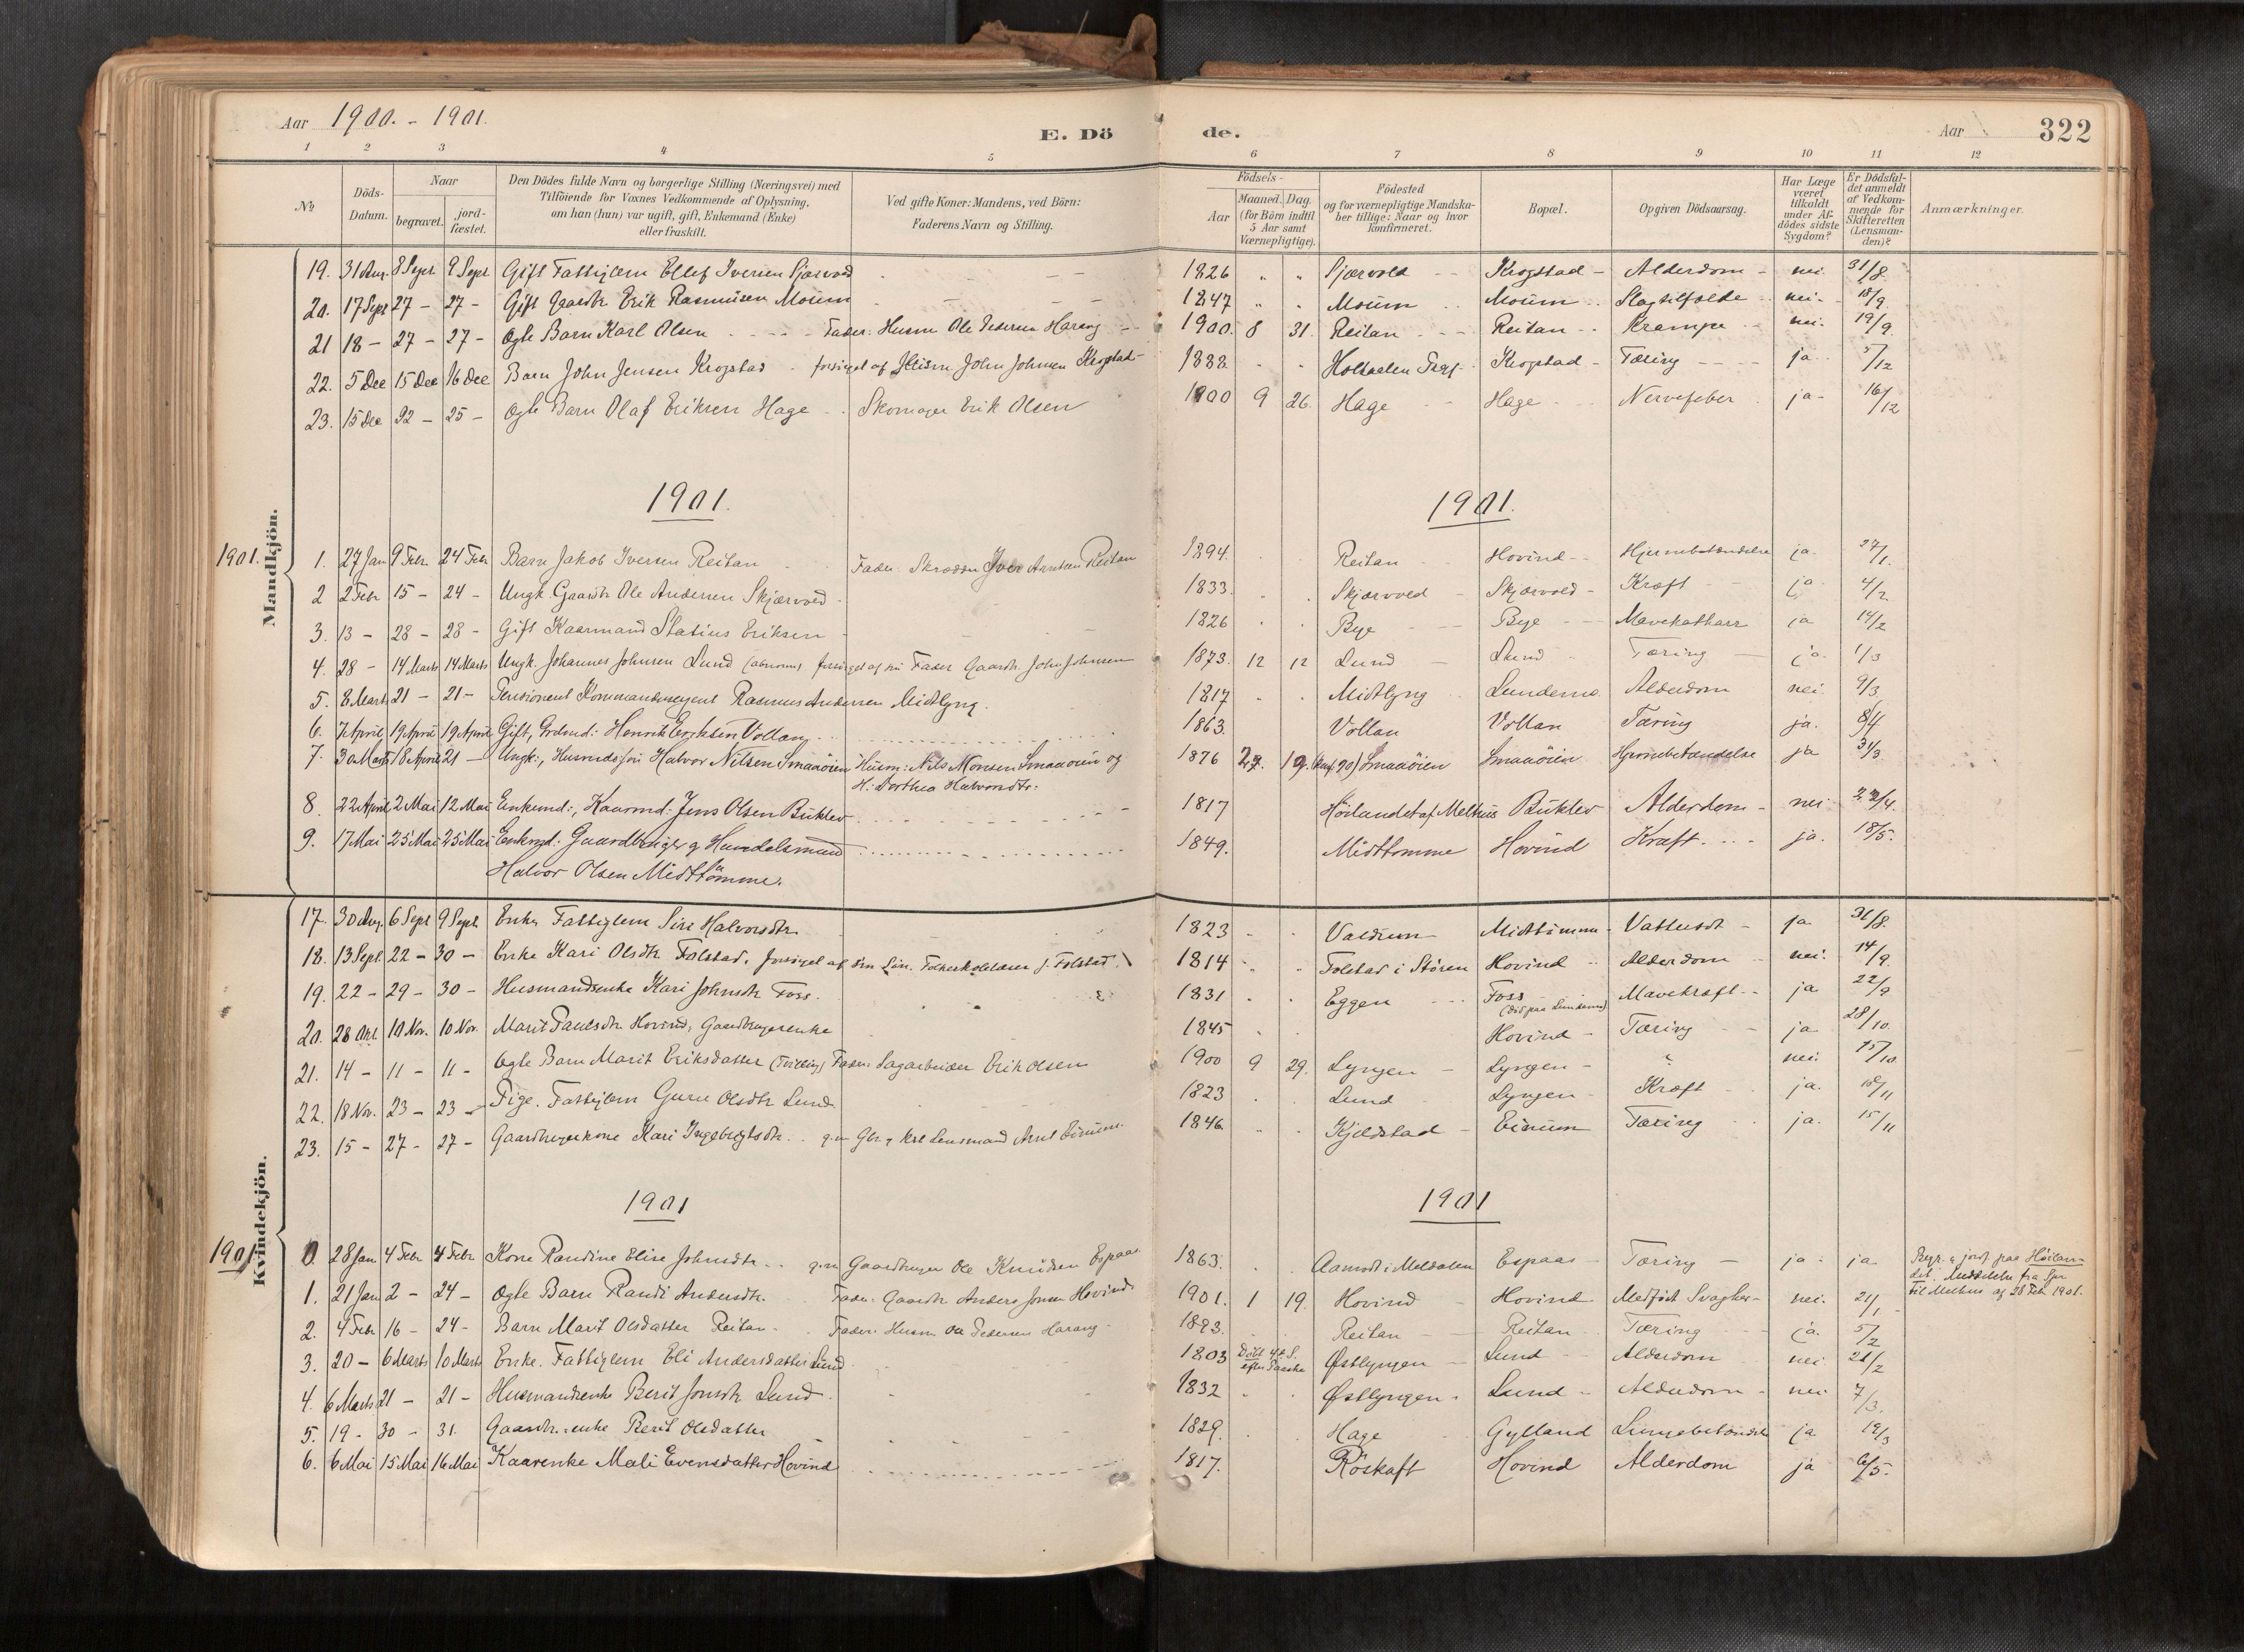 SAT, Ministerialprotokoller, klokkerbøker og fødselsregistre - Sør-Trøndelag, 692/L1105b: Ministerialbok nr. 692A06, 1891-1934, s. 322